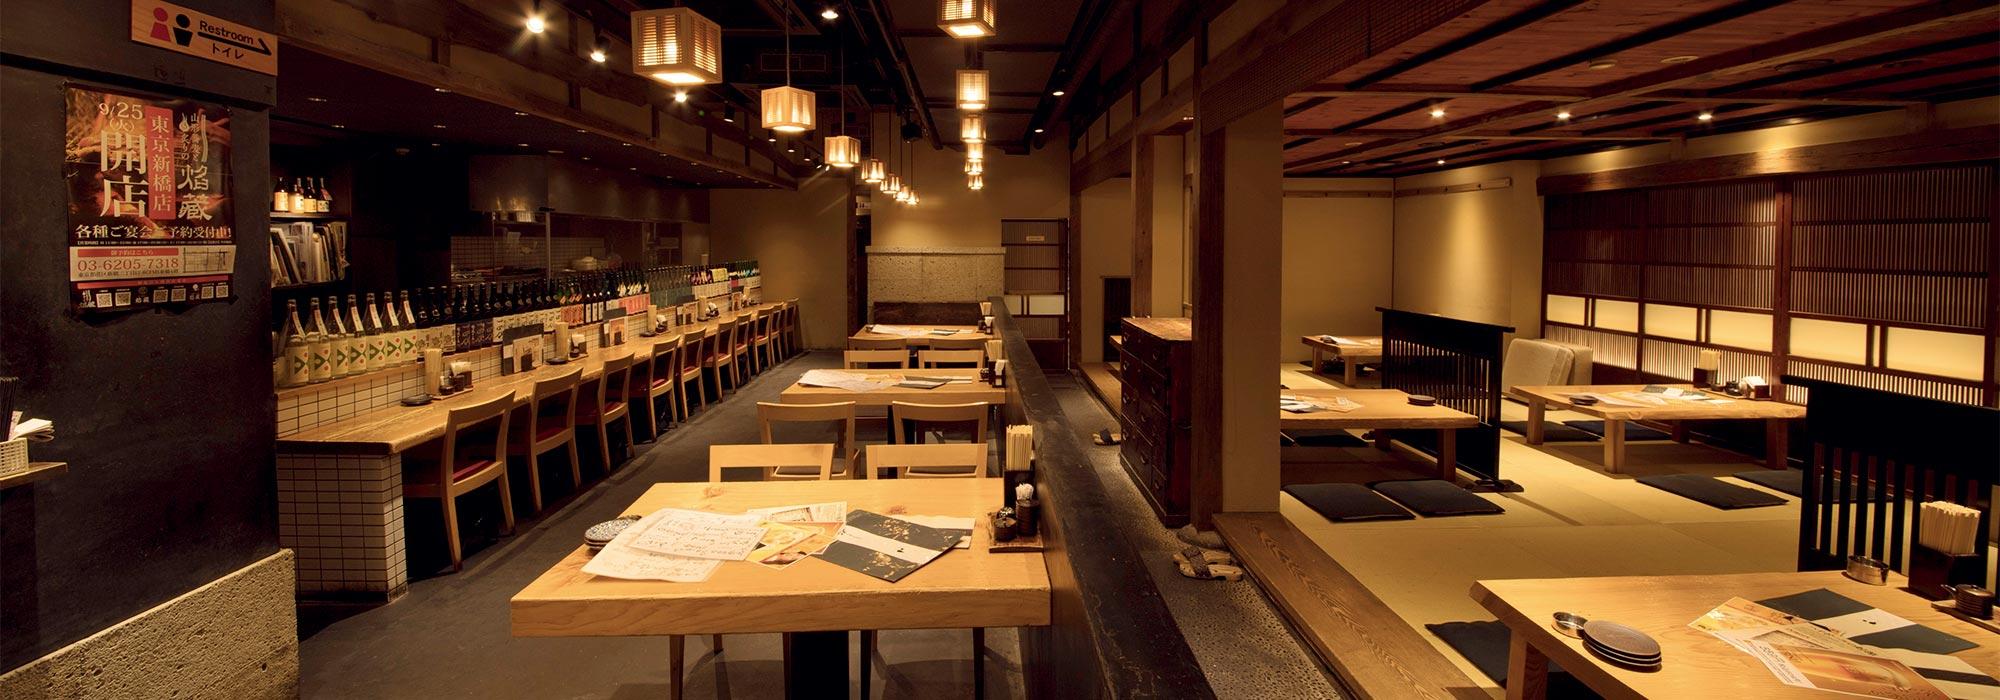 山形蕎麦と炙りの焔藏 一番町店 画像03